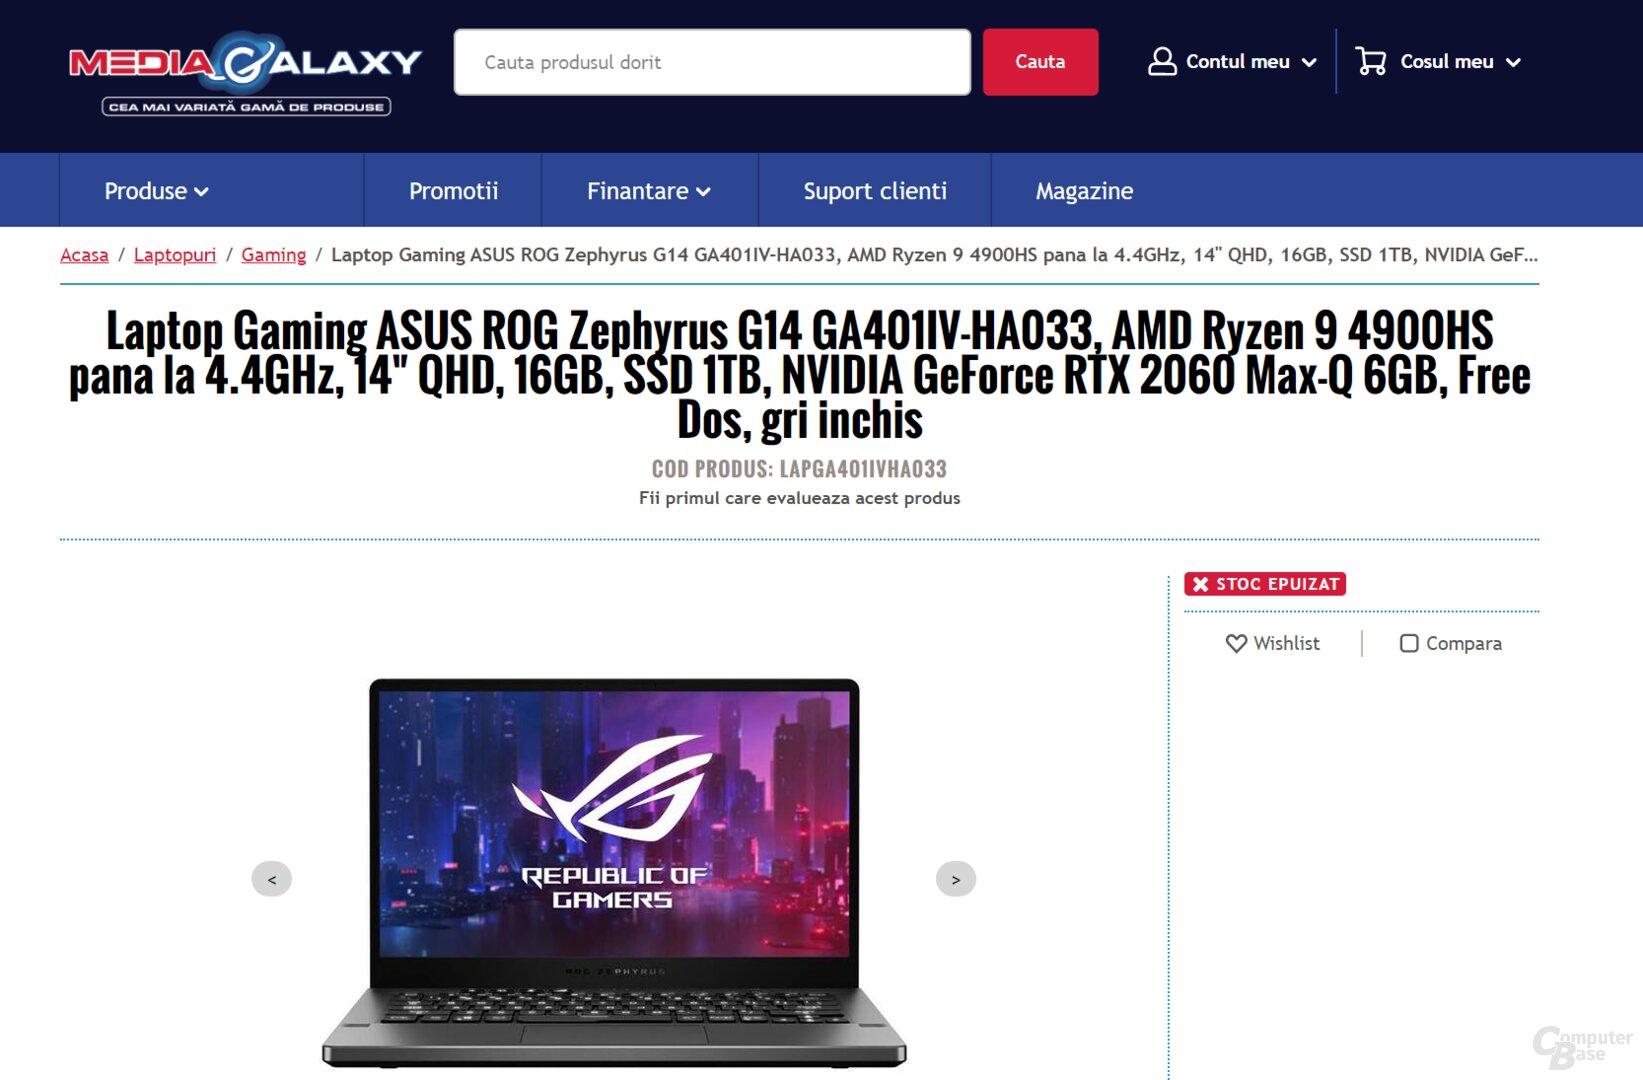 Asus-Notebook mit AMD Ryzen 9 4900HS in rumänischem Online-Shop